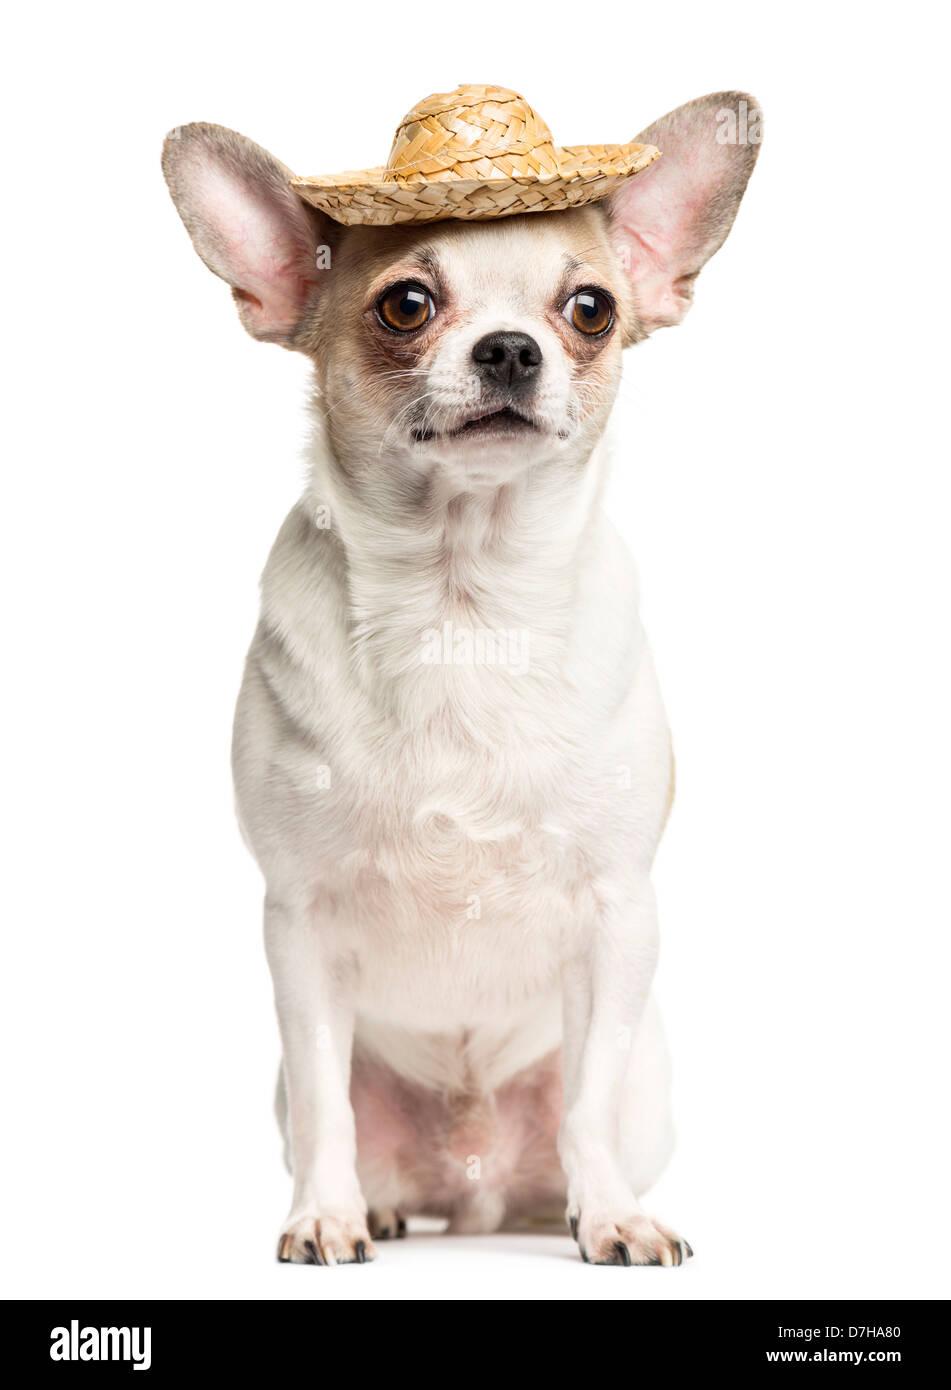 Chihuahua, 2 ans, assis et portant un chapeau de paille contre fond blanc Photo Stock